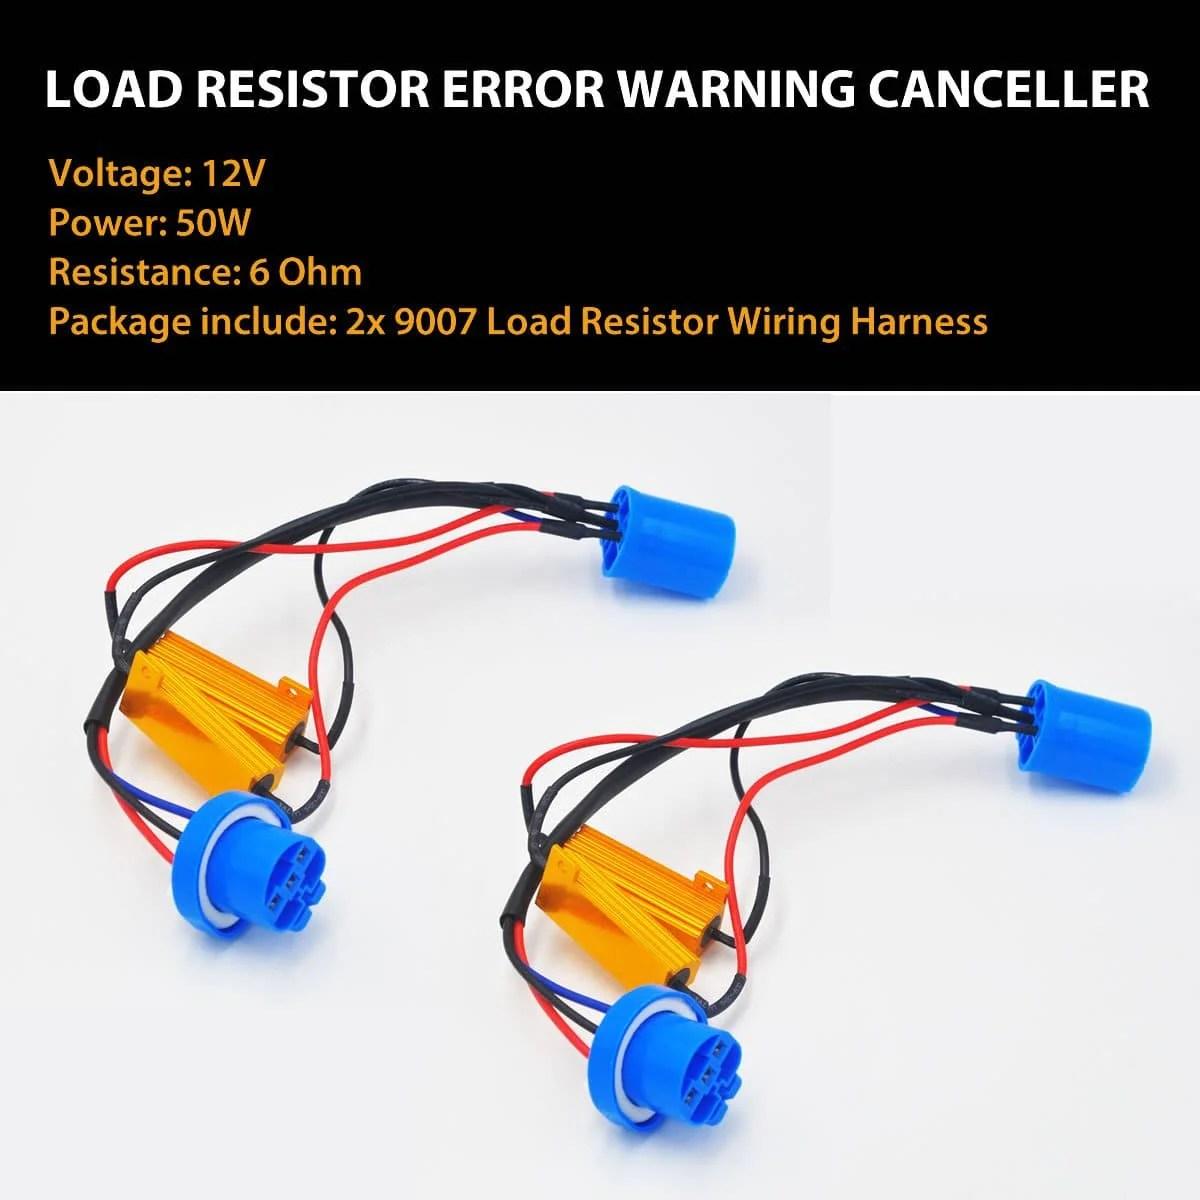 hight resolution of 9007 9004 led headlight load resistor harness anti flicker warning canceler